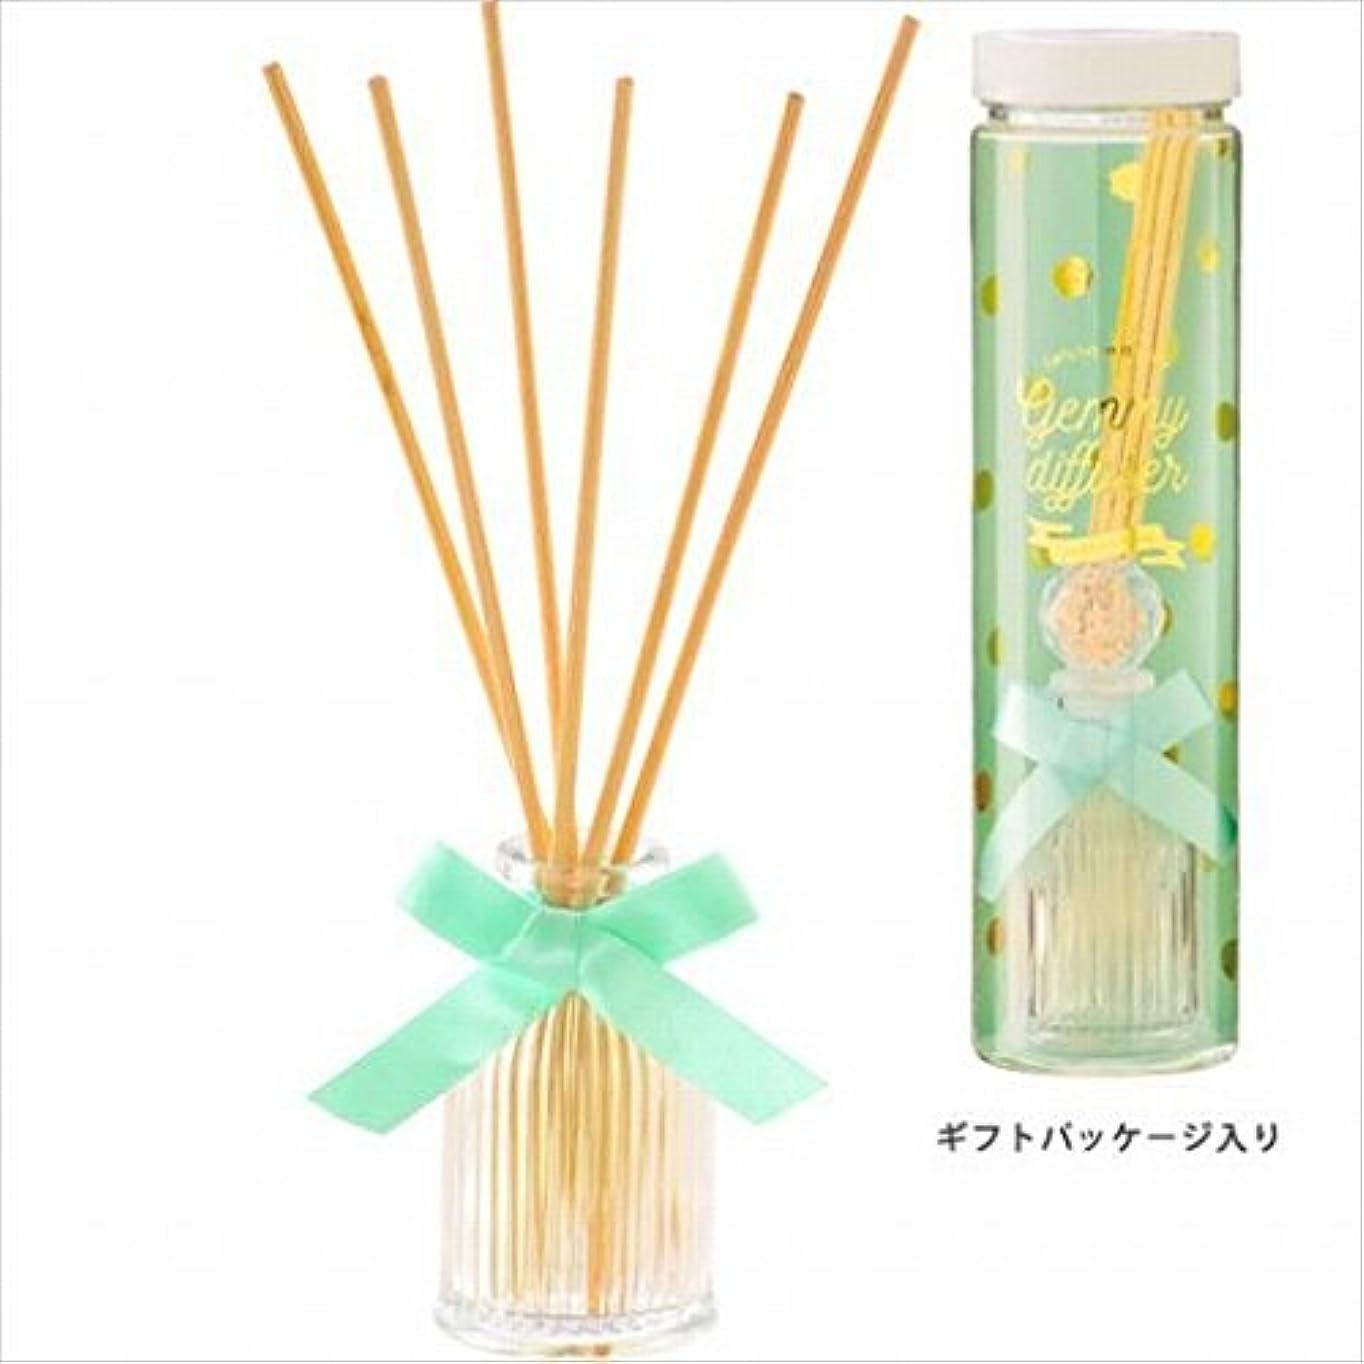 王朝釈義メジャーカメヤマキャンドル(kameyama candle) GEMMY (ジェミー) ディフューザー 「 タイム 」6個セット